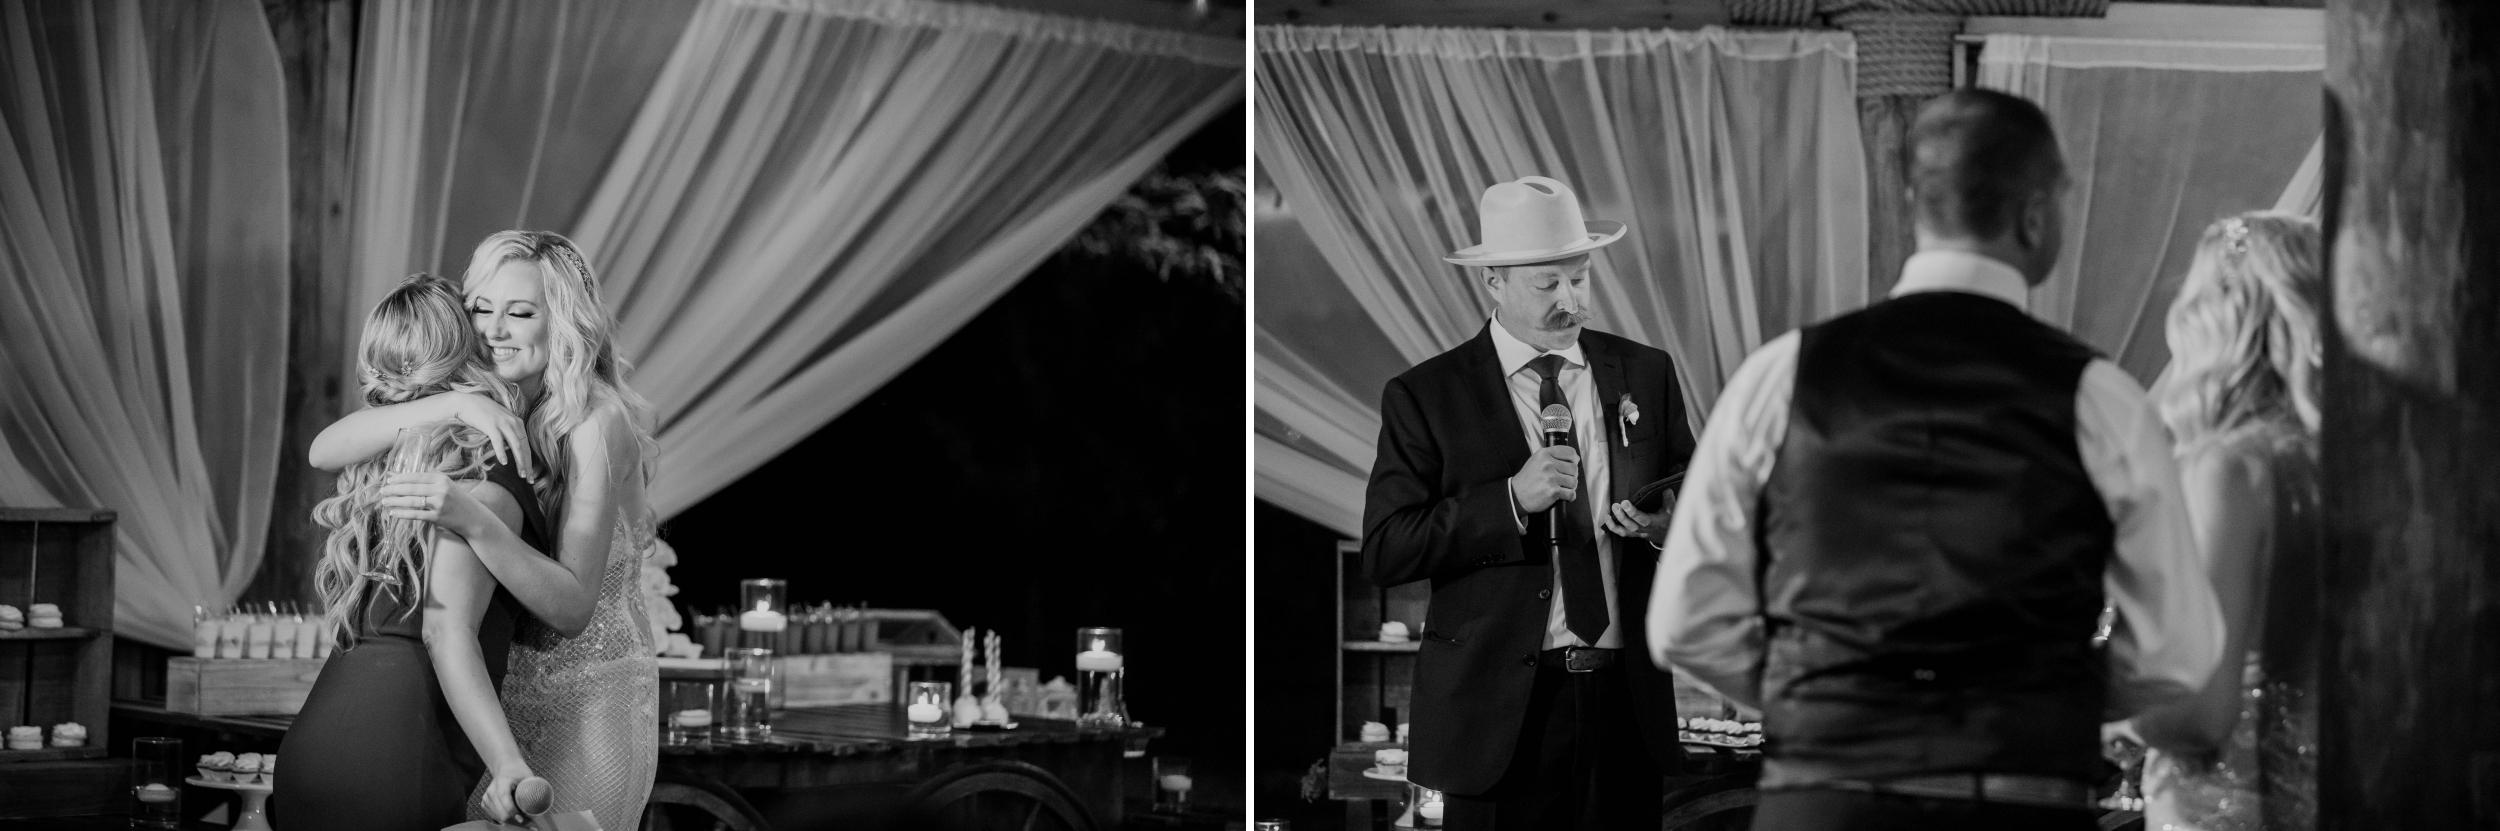 Wedding Redland Farm Life - Santy Martinez Photography 20.jpg